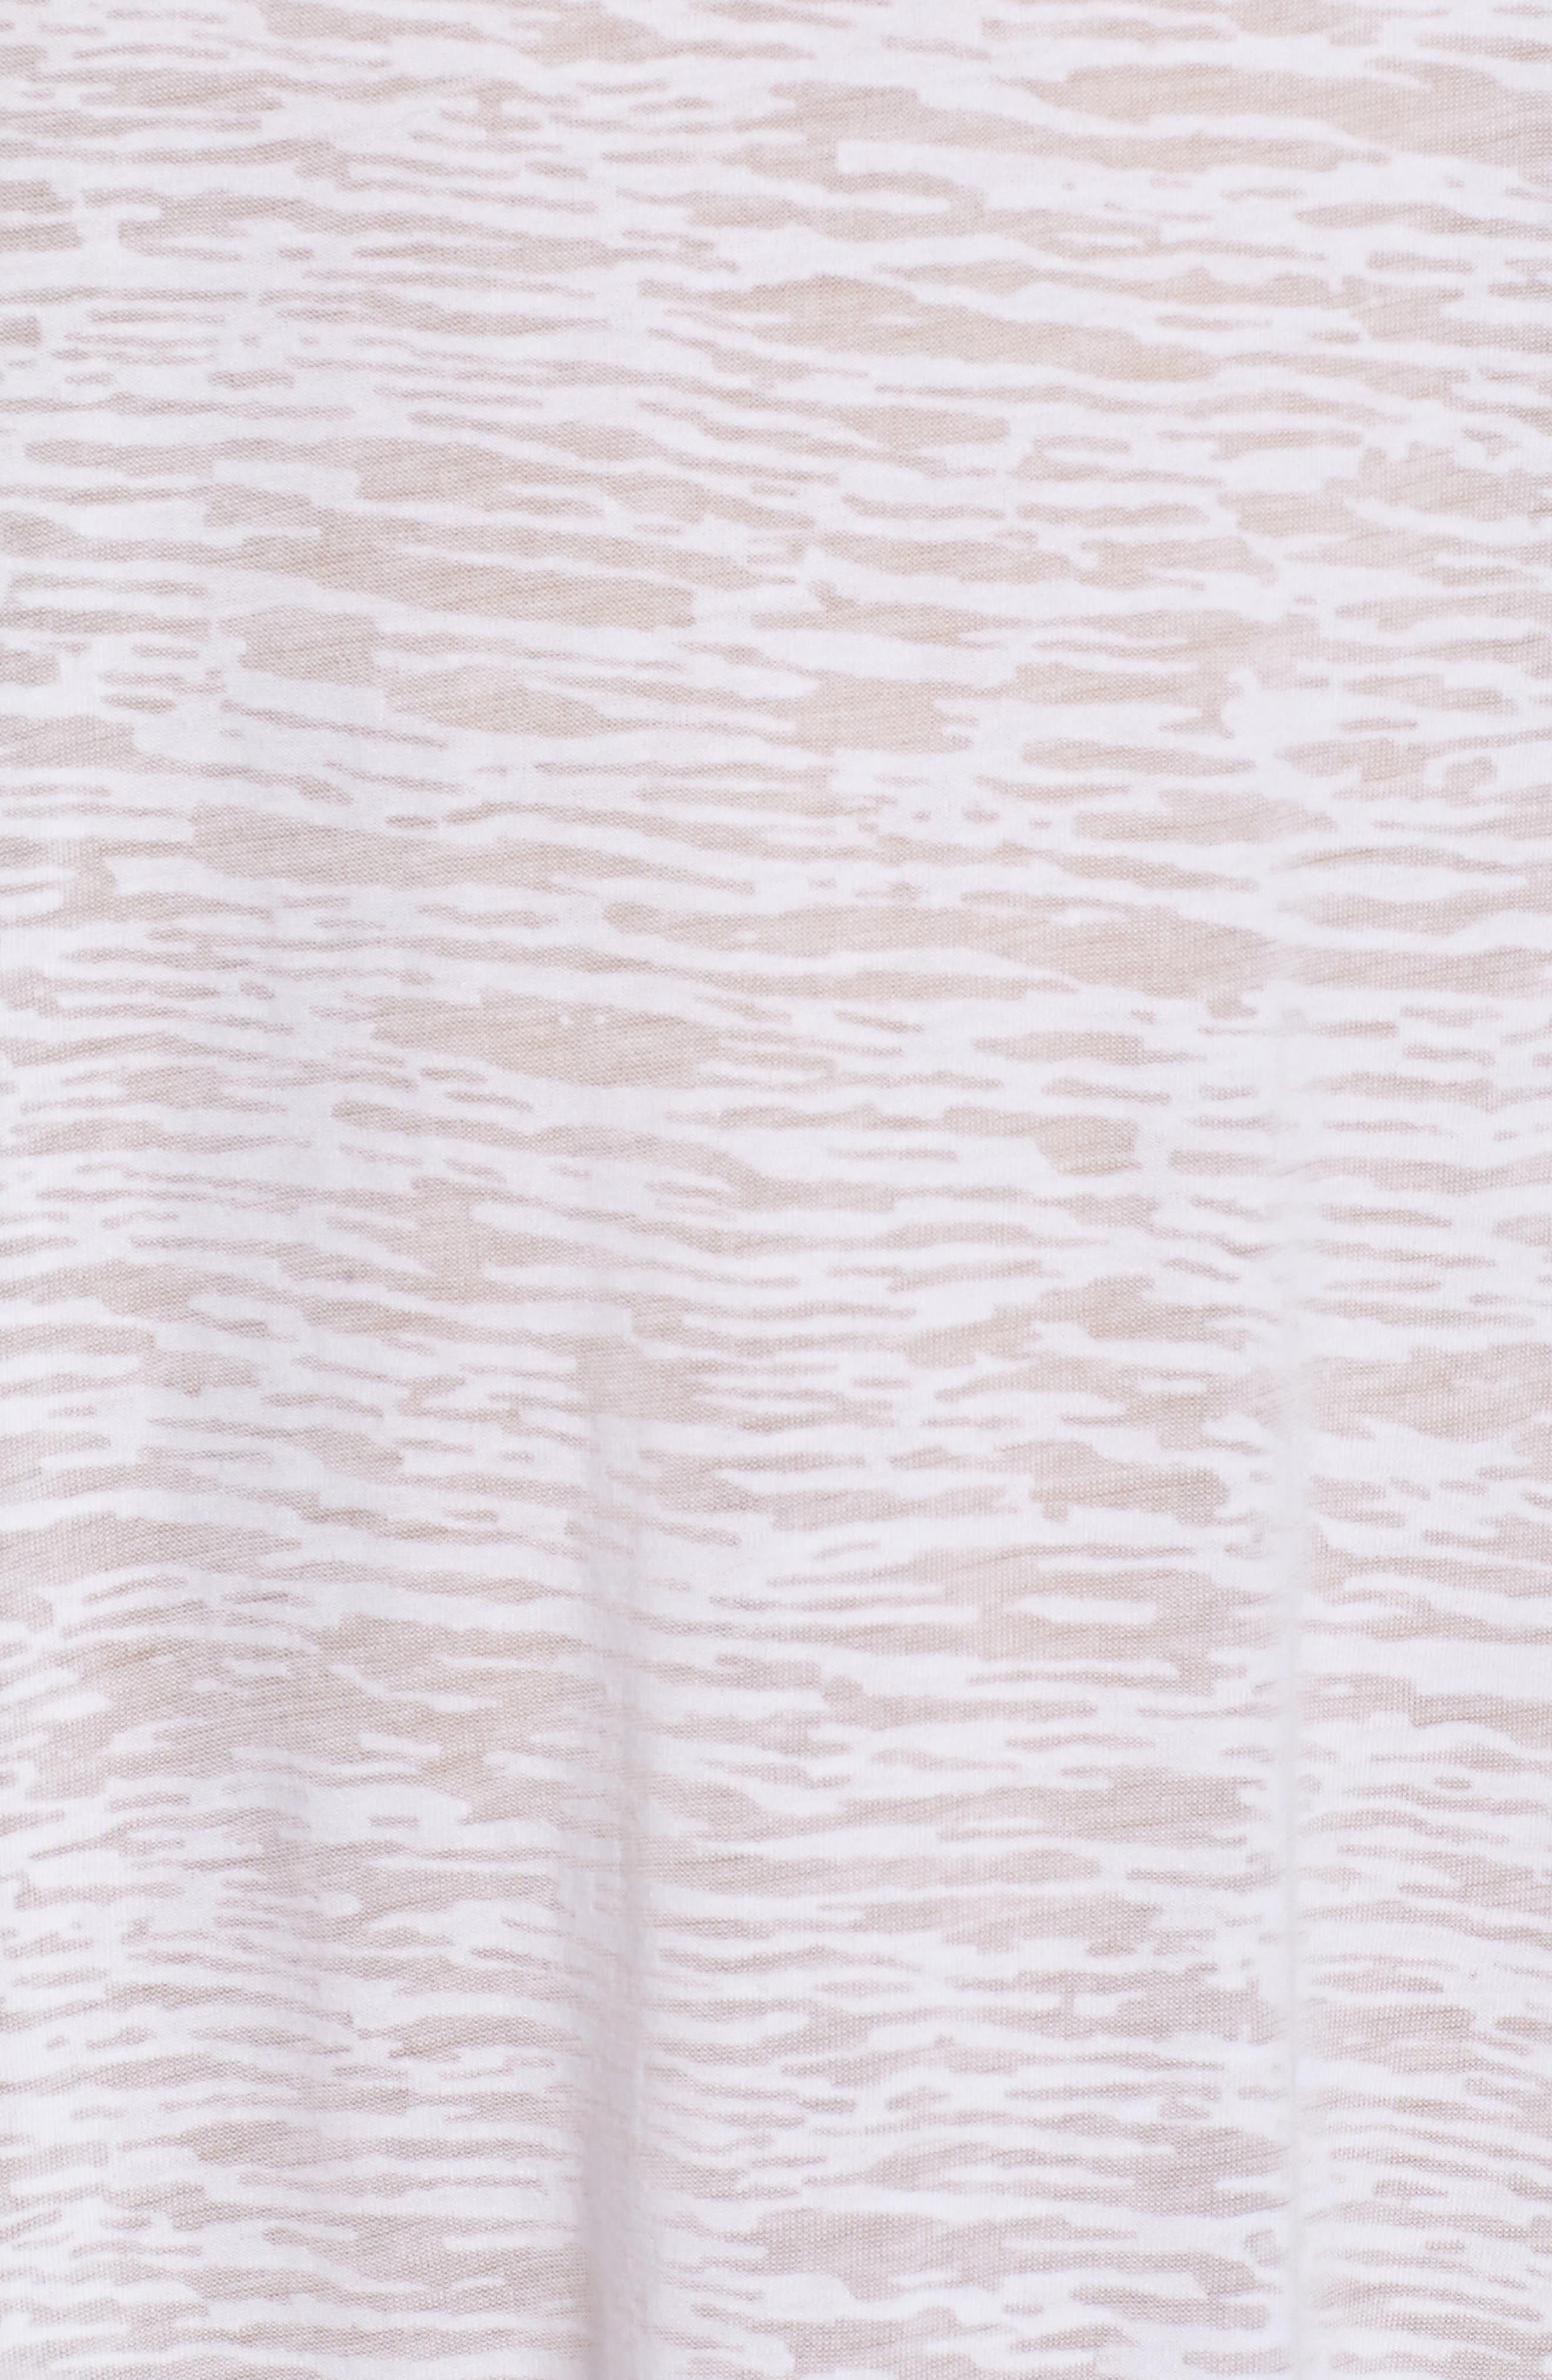 Tassel Slit Cover-Up Maxi Dress,                             Alternate thumbnail 6, color,                             White